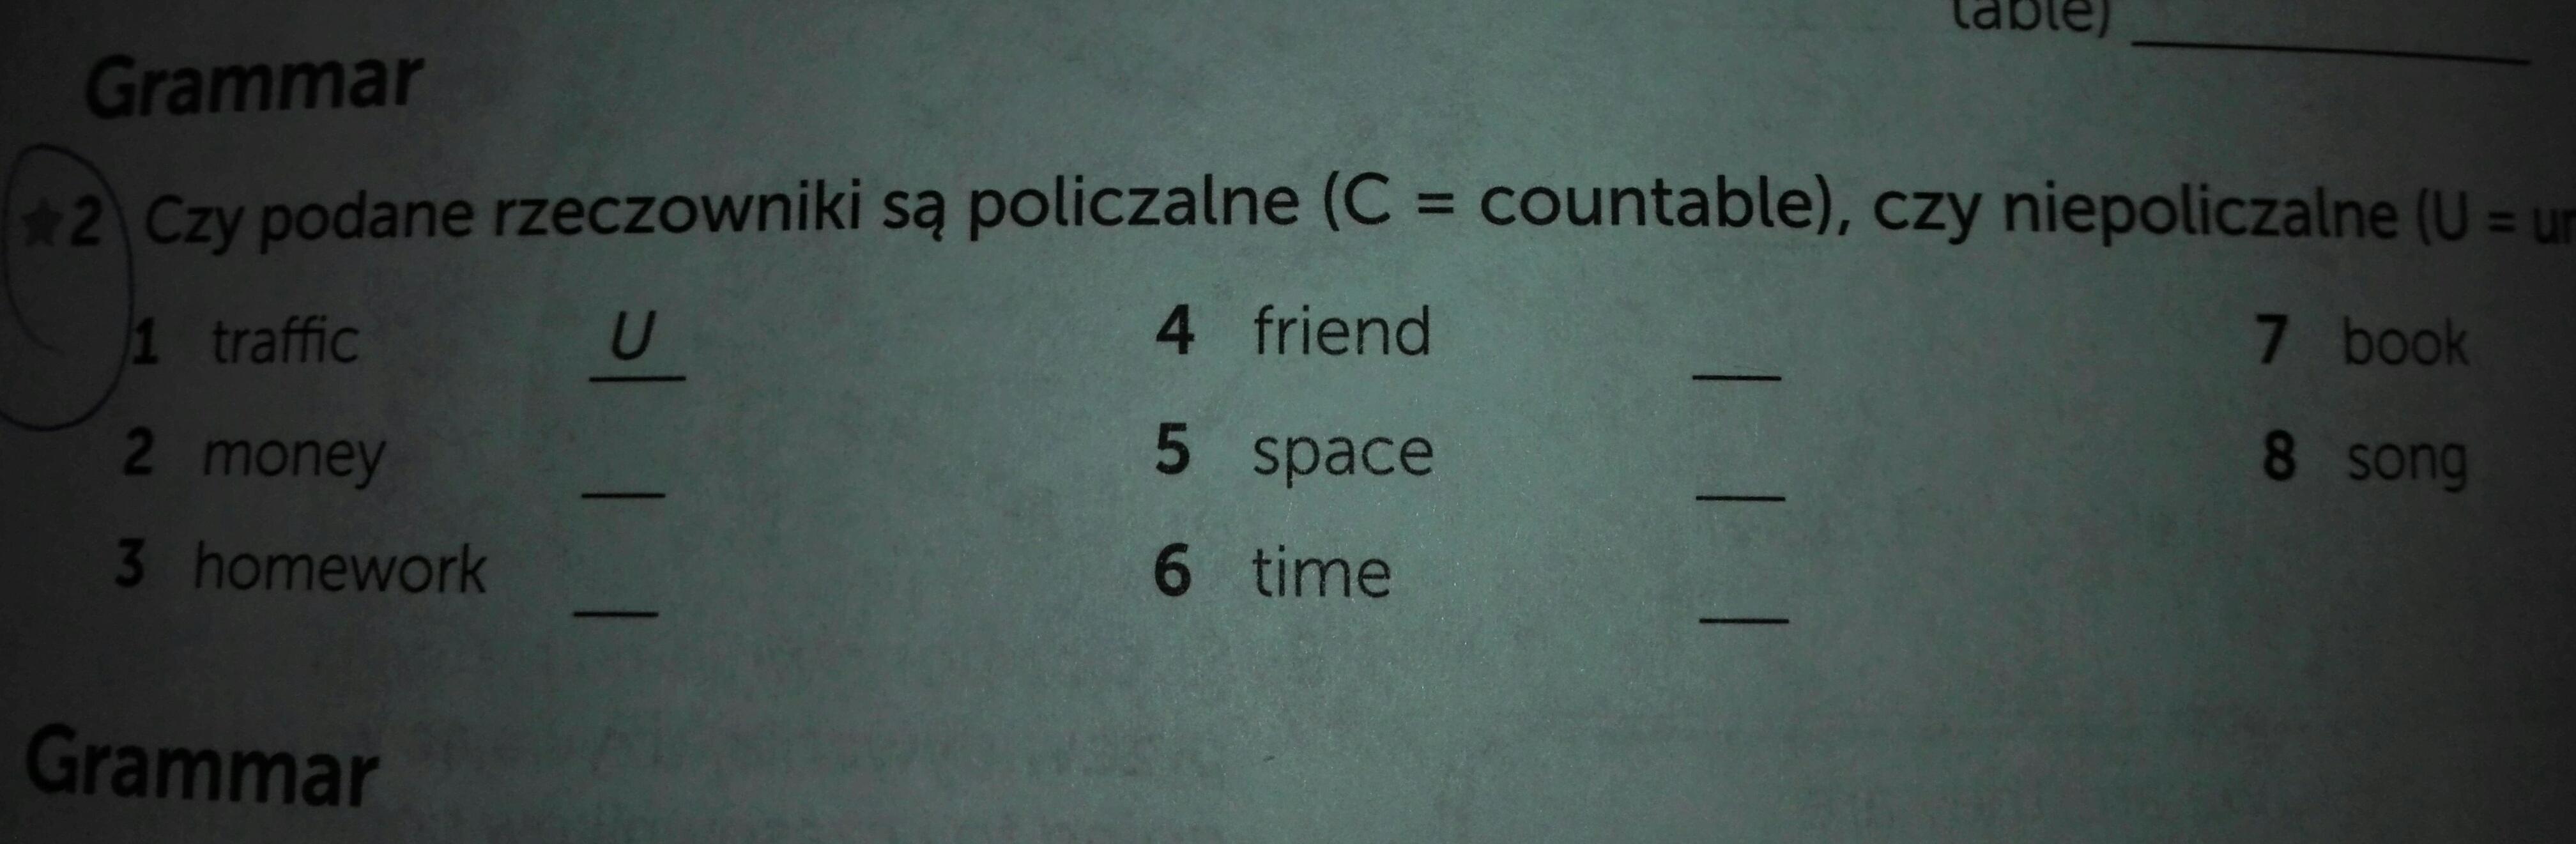 homework policzalne czy niepoliczalne